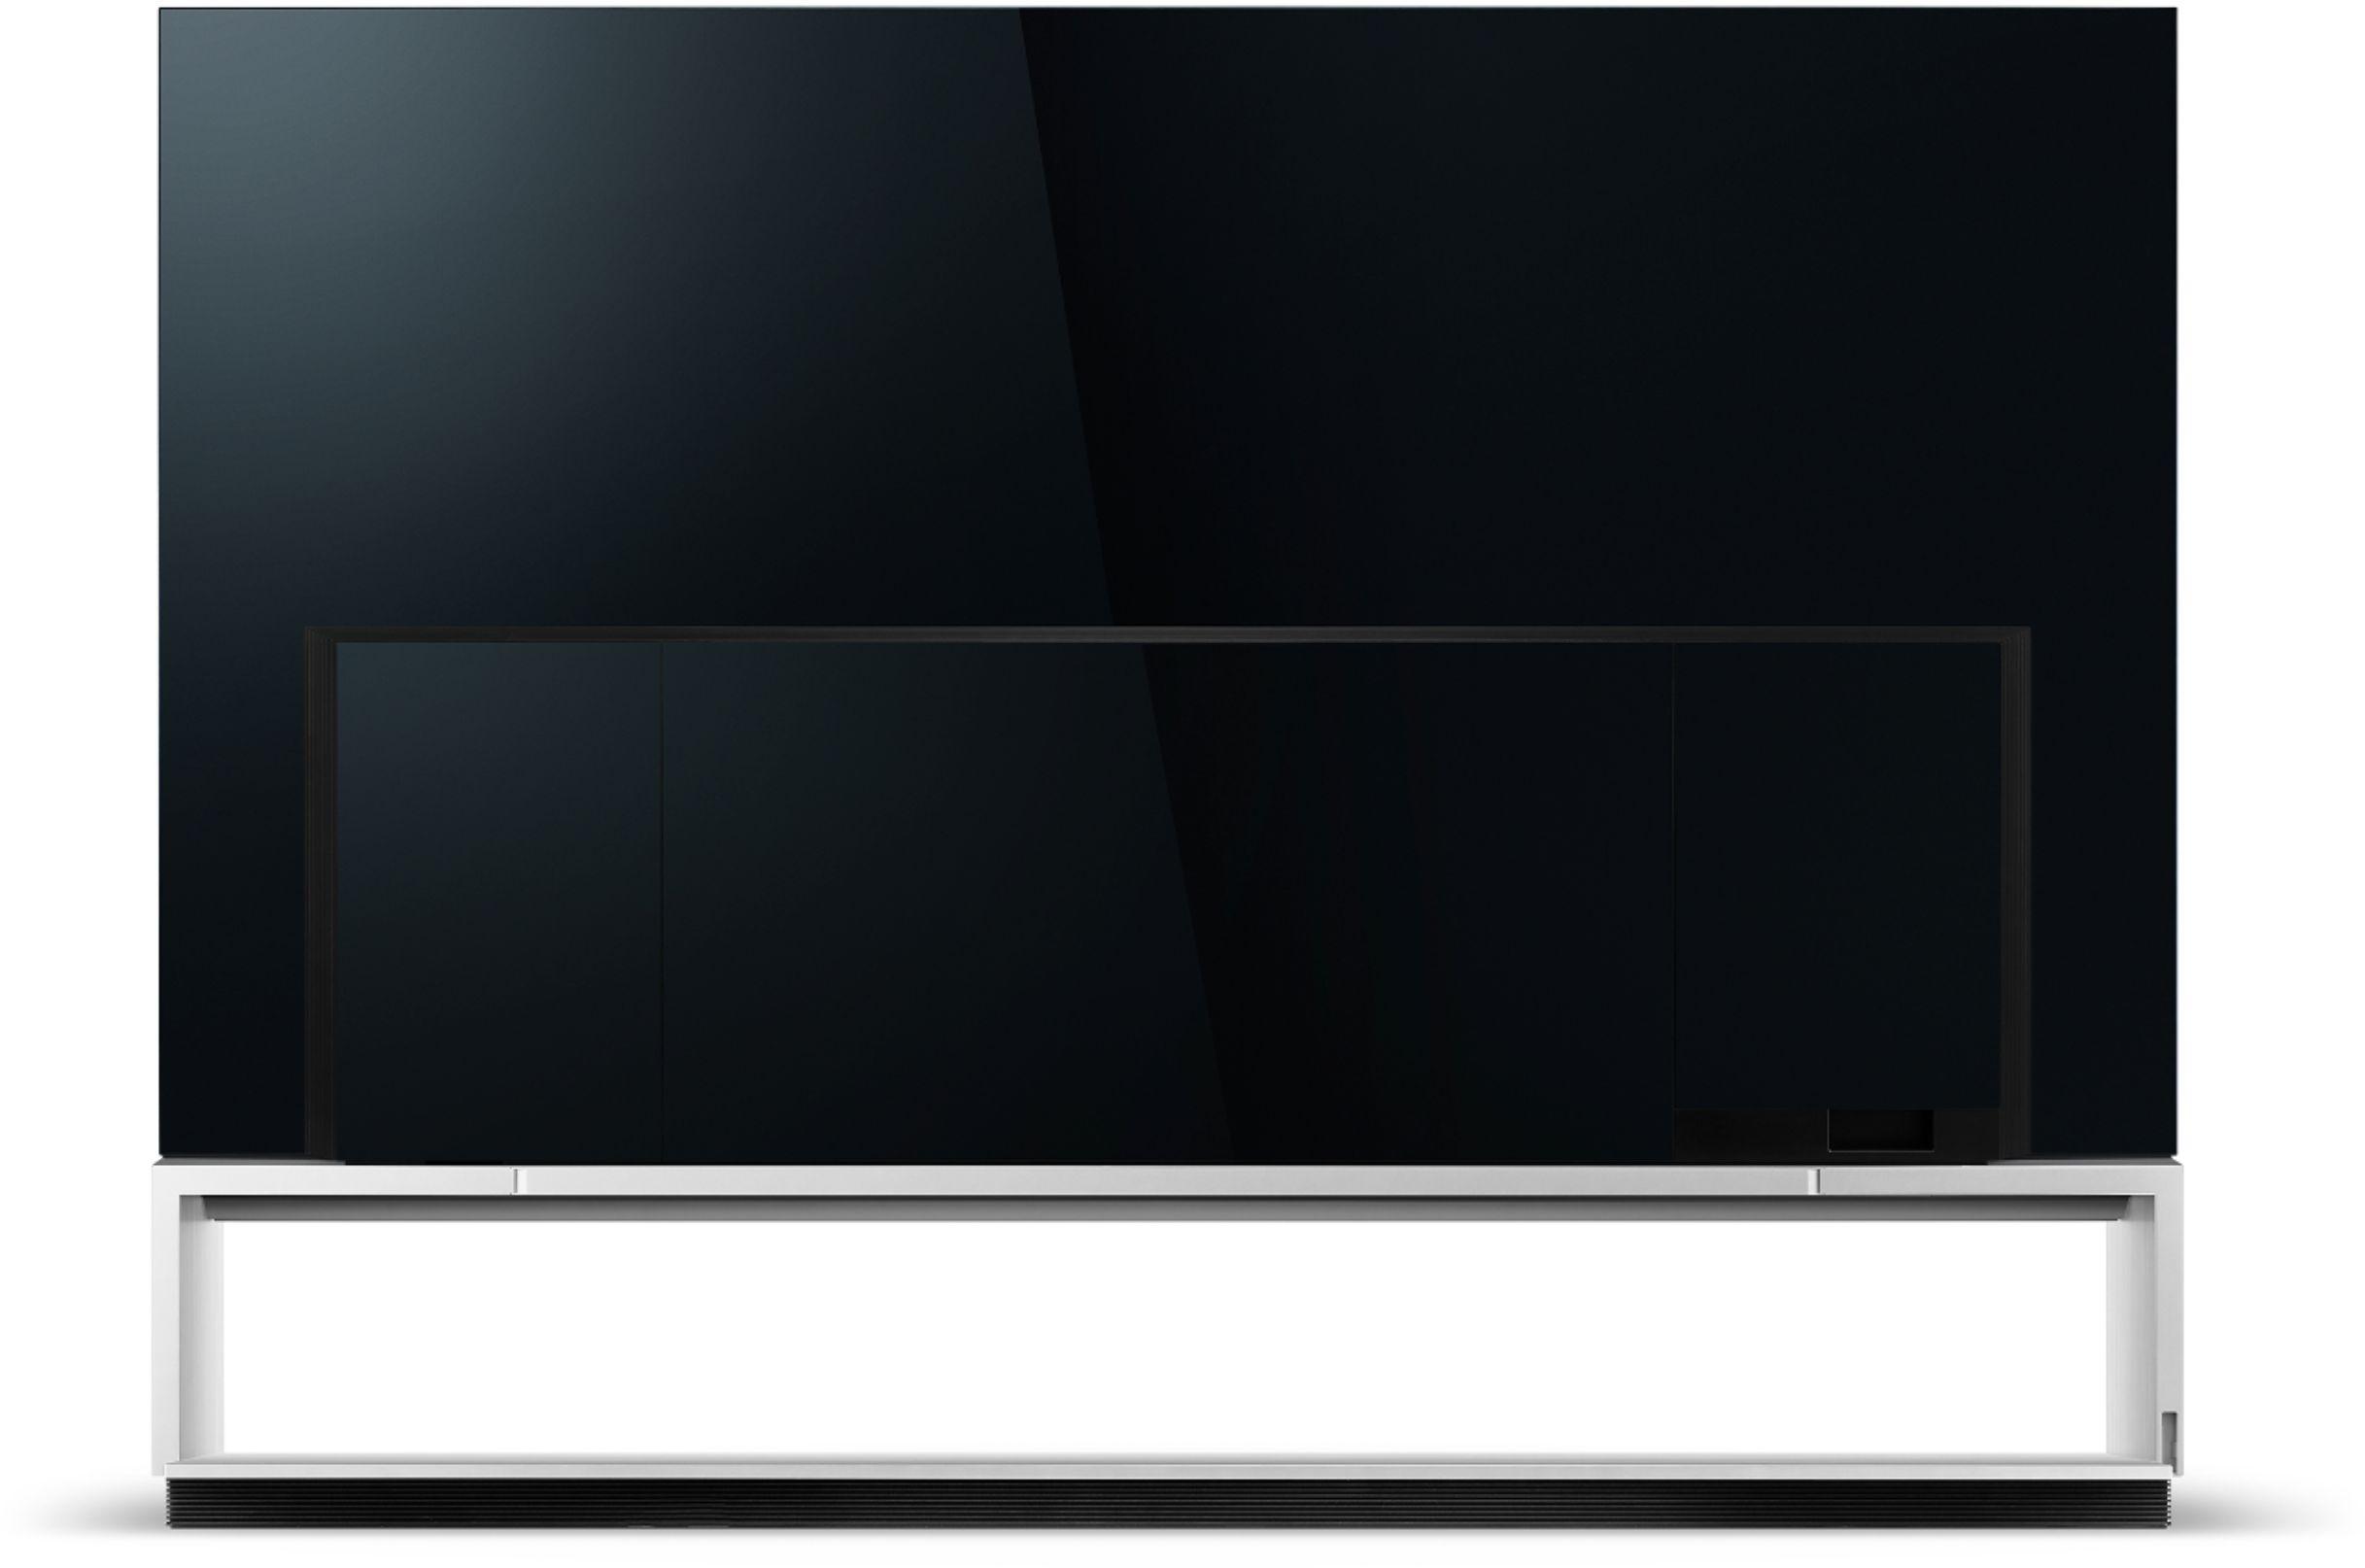 """88"""" Class ZX Series OLED 8K UHD Smart webOS TV"""